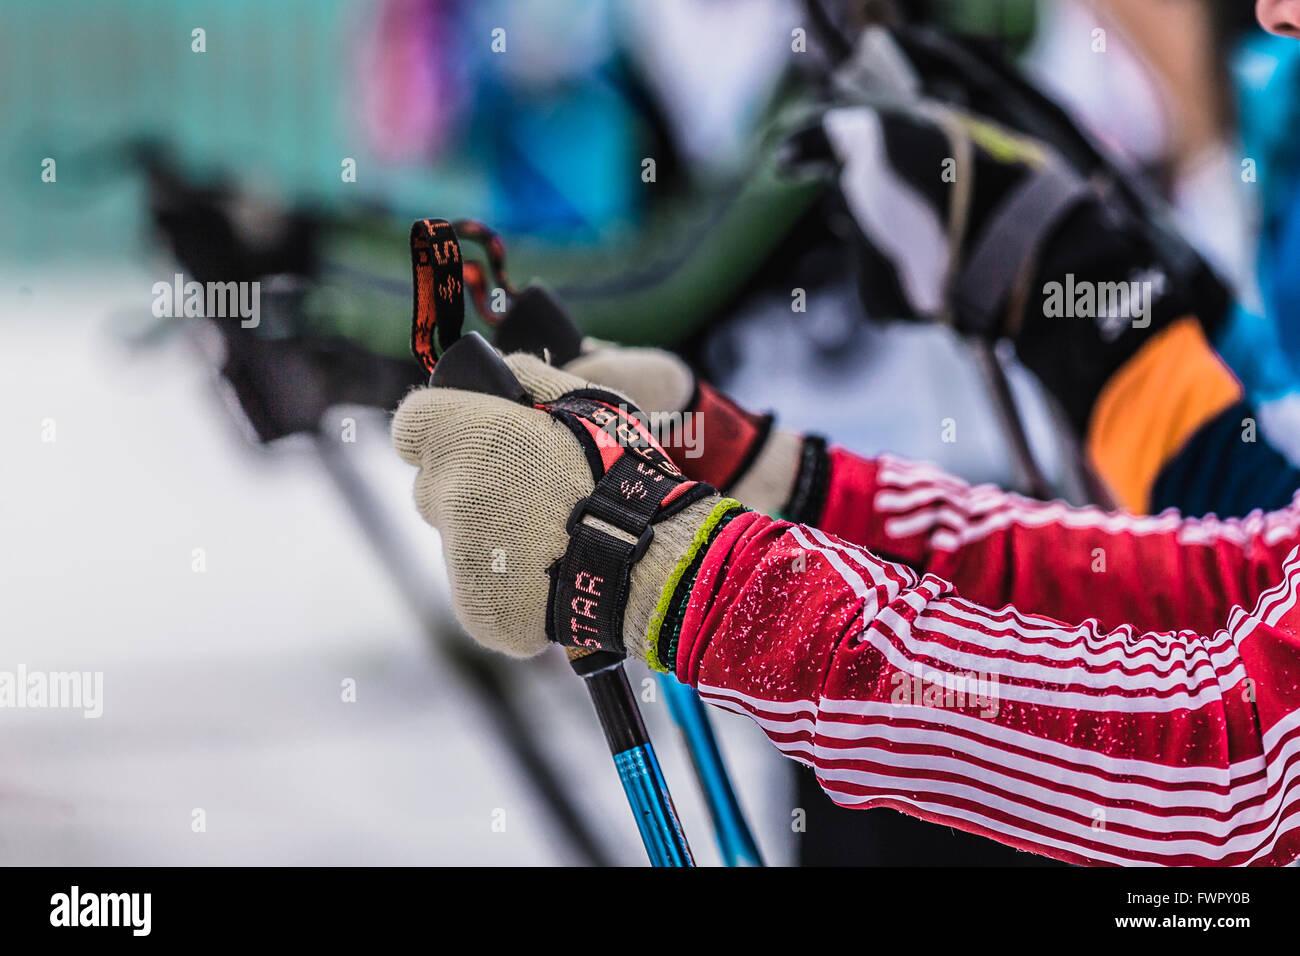 Kyshtym, Russia - Marzo 26, 2016: mass start di atleti sciatori, primo piano delle mani e bastoncini da sci durante Immagini Stock